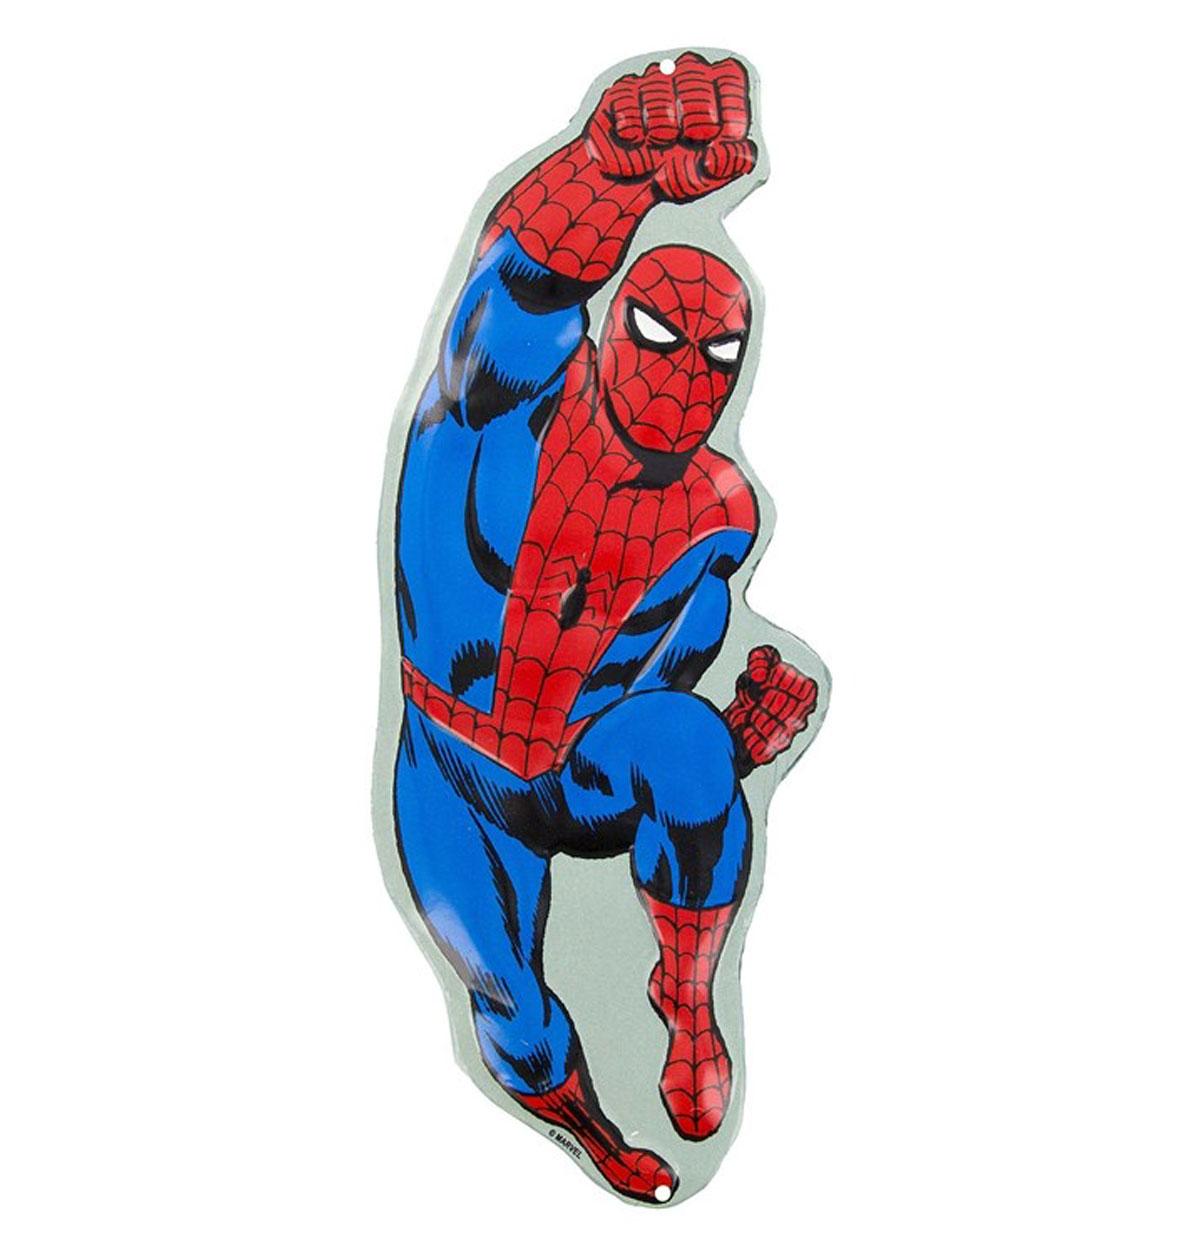 Spider-Man Die Cut Embossed Metalen Bord